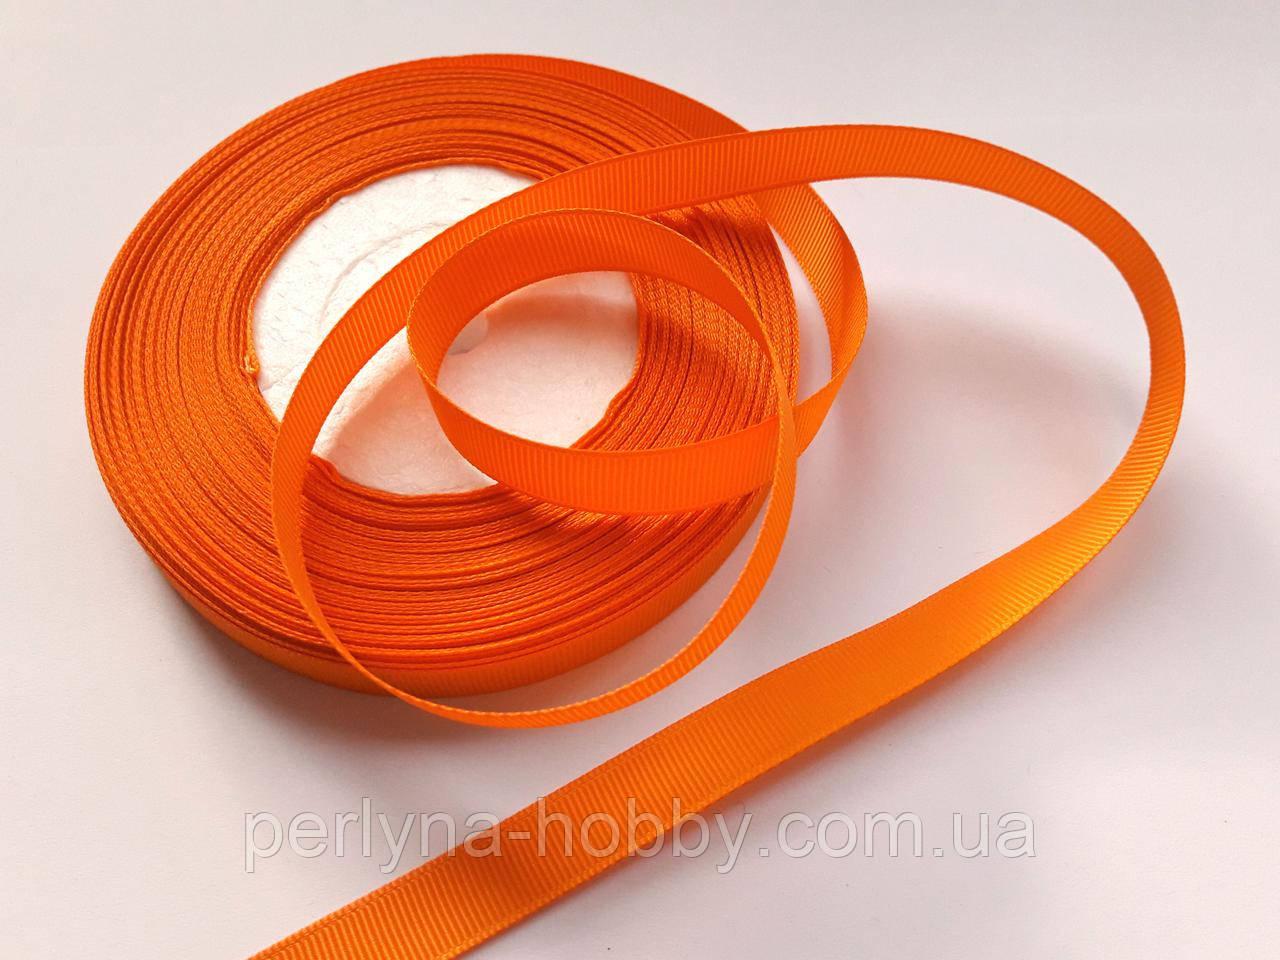 Стрічка репсова 13 мм  оранжева, на метраж, ціна за 1 метр